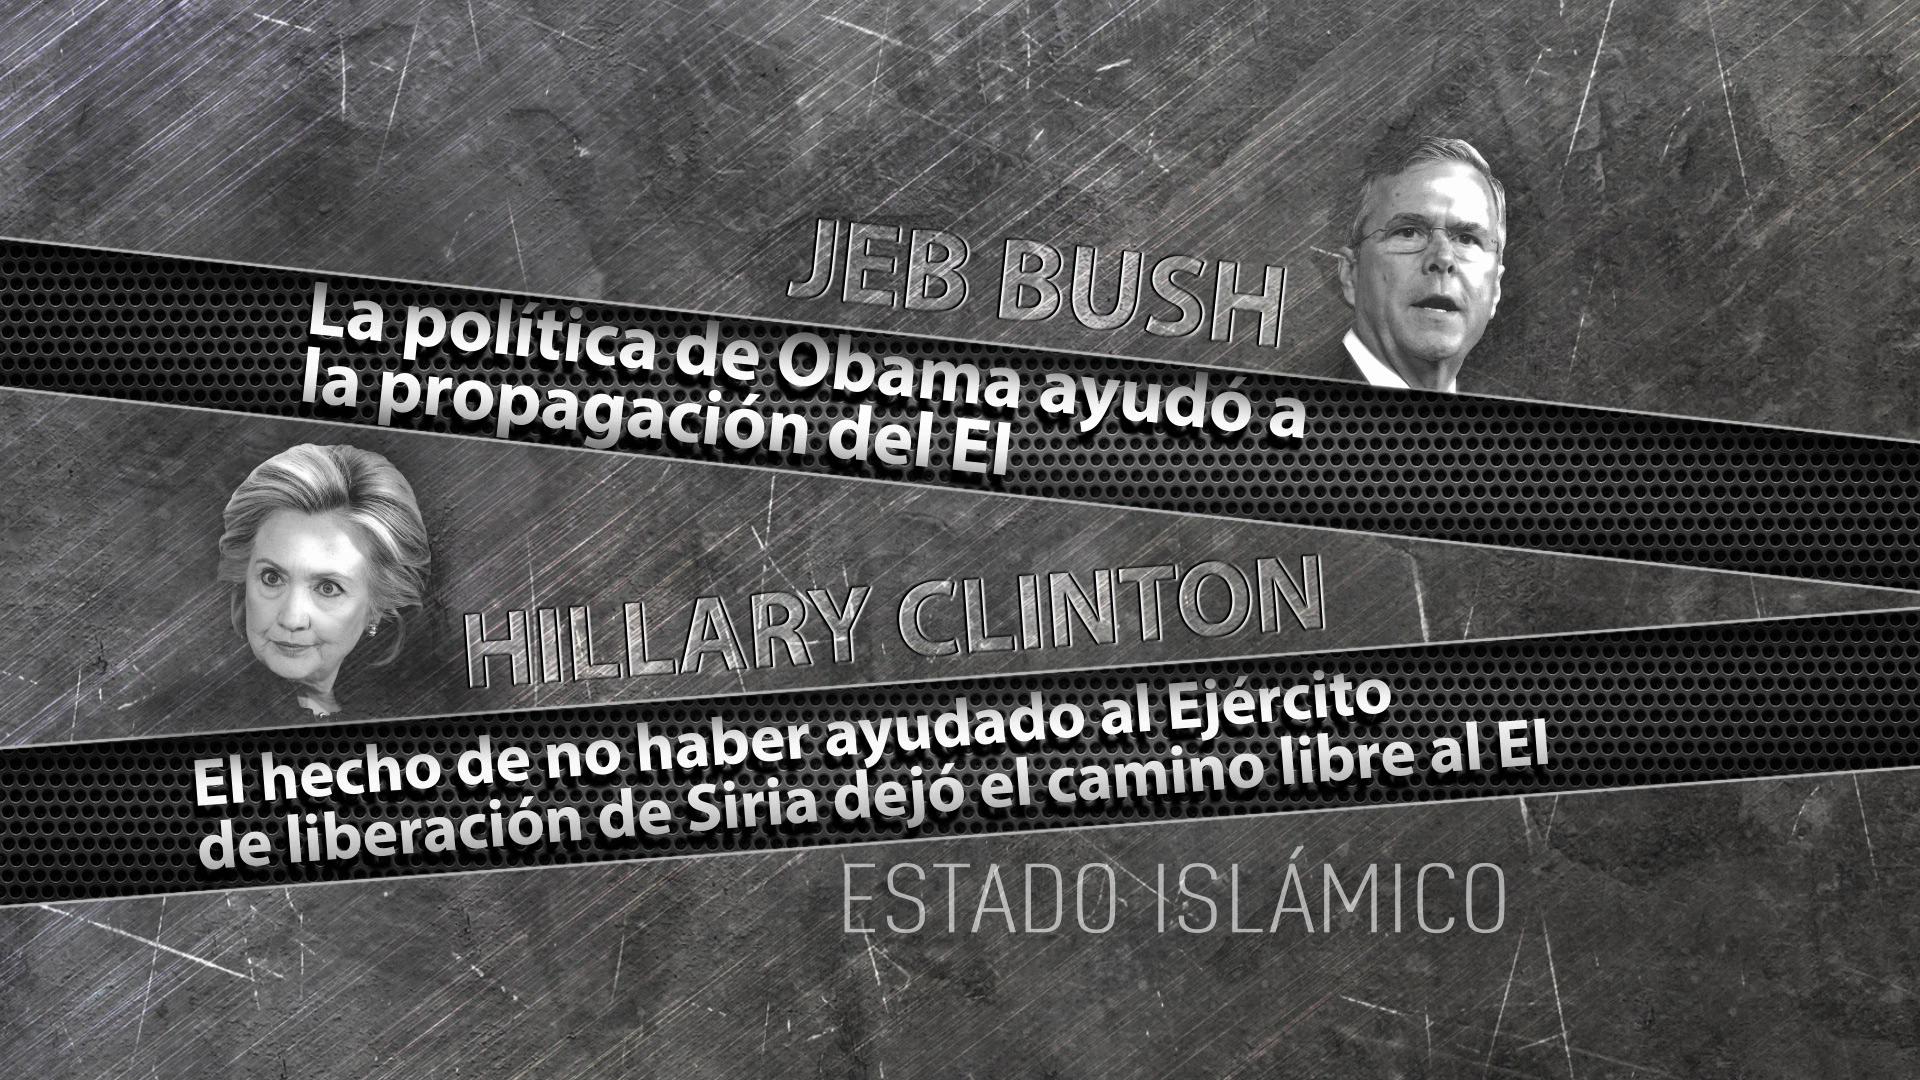 Las posturas de Jeb Bush y Hillary Clinton sobre el Estado Islámico